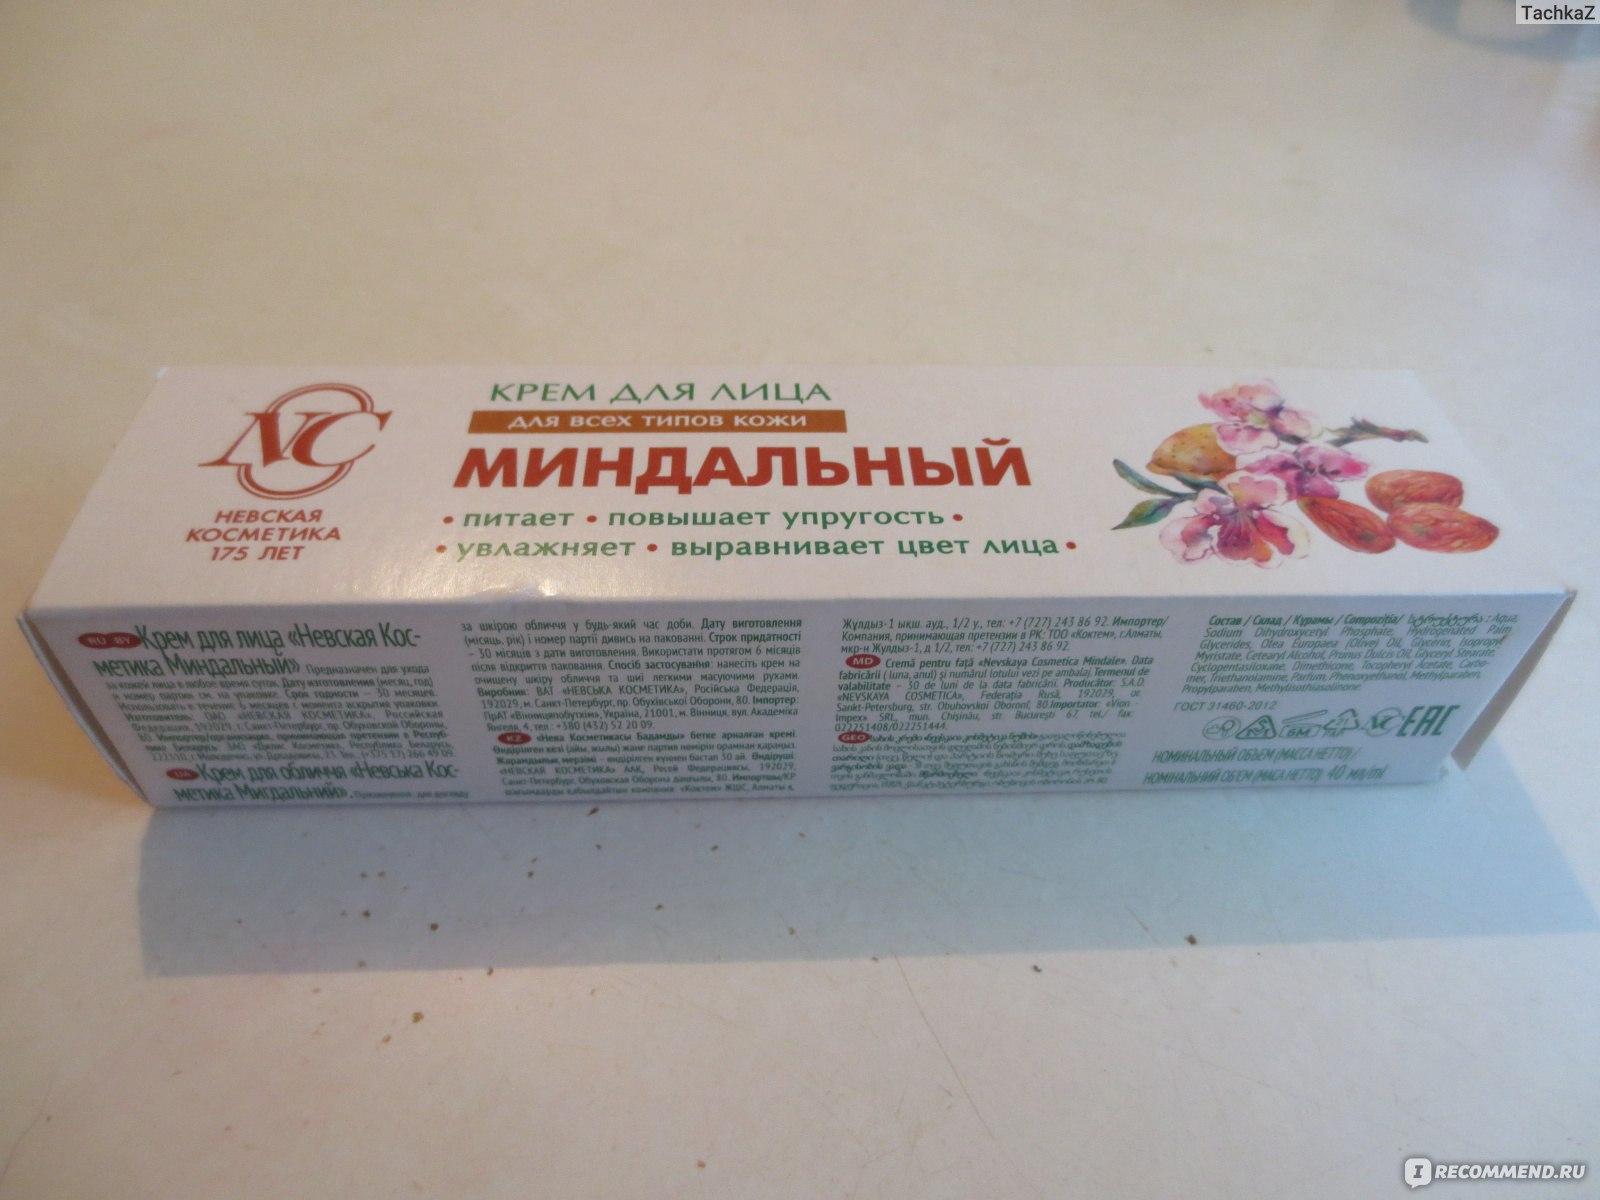 невская косметика миндальный крем купить